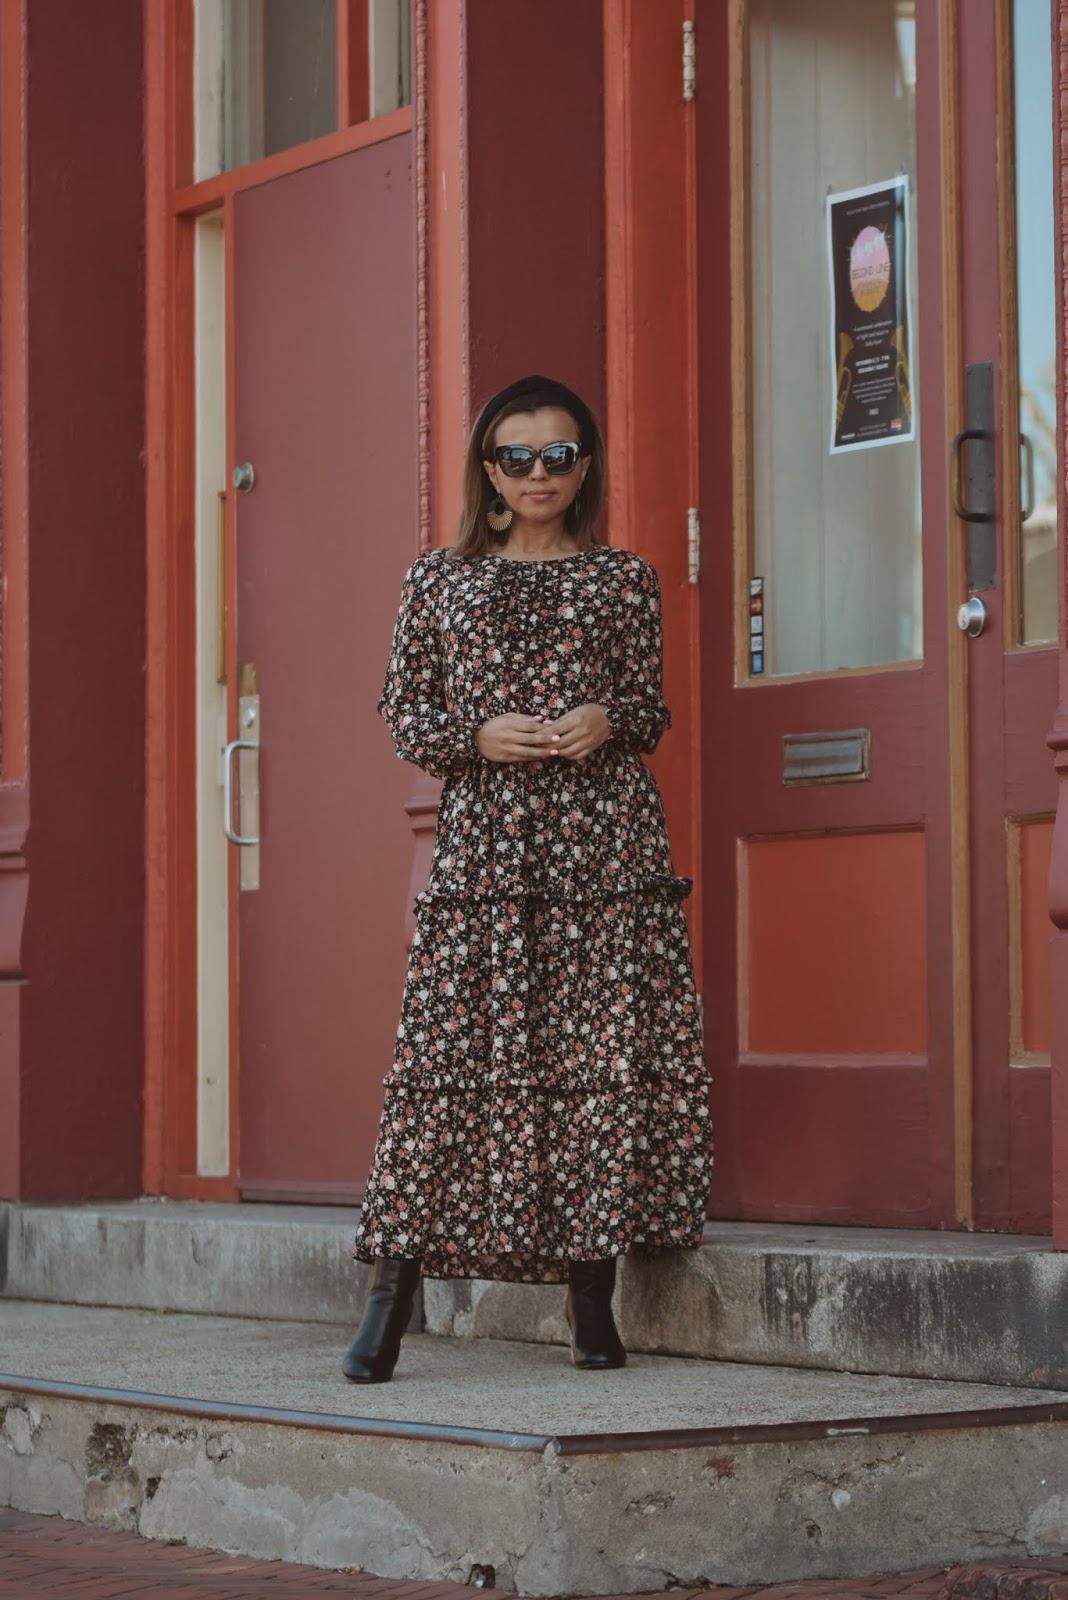 Se Llevan Las Flores Y Las Biker Jackets - SheIn Black Friday by Mari Estilo-dcblogger-mariestilo travels-canal de mariestilo-youtuber-moda-fashionista-